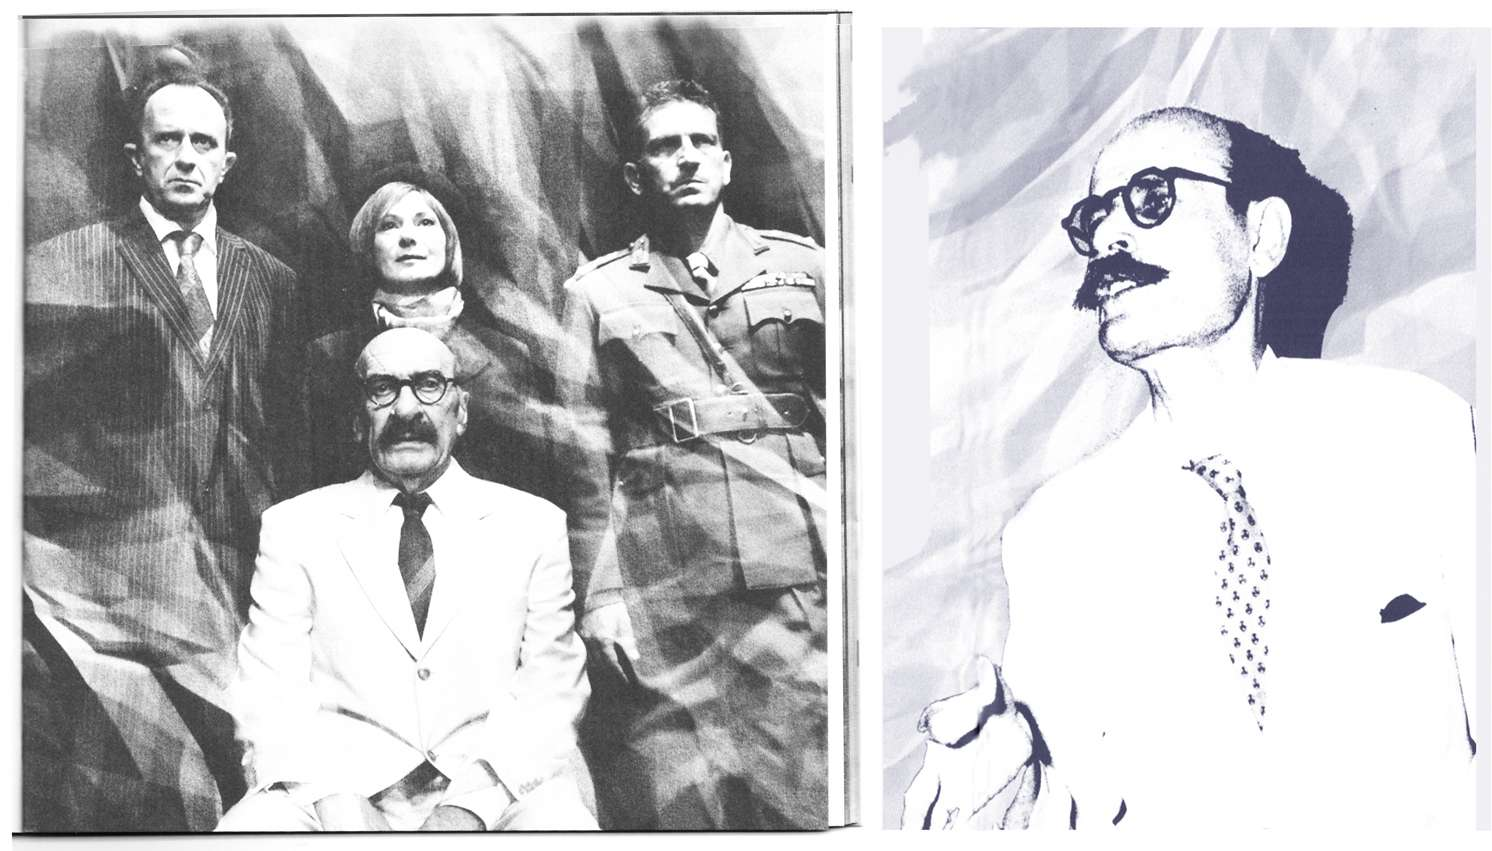 Βασίλης Κολοβός στο Ατέχνως «Νίκος Πλουμπίδης» το πλέον δύσκολο εγχείρημα της θεατρικής μου καριέρας